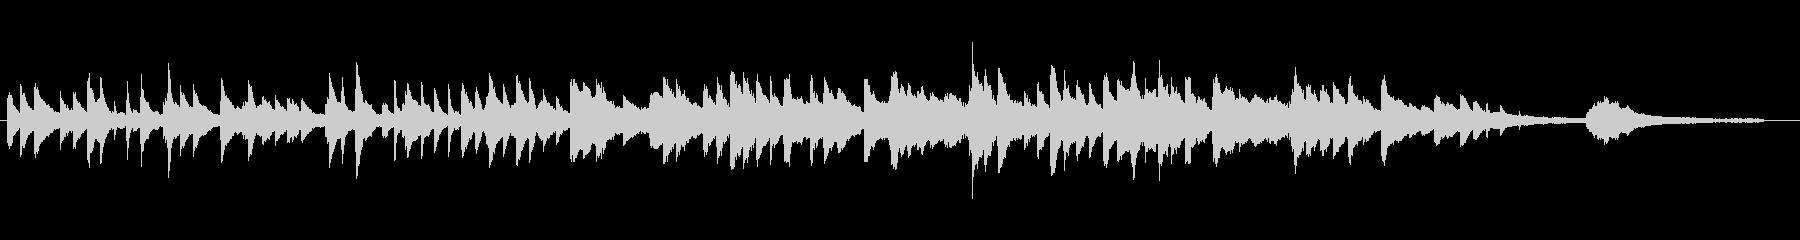 童謡「赤とんぼ」ピアノソロ 60秒の未再生の波形